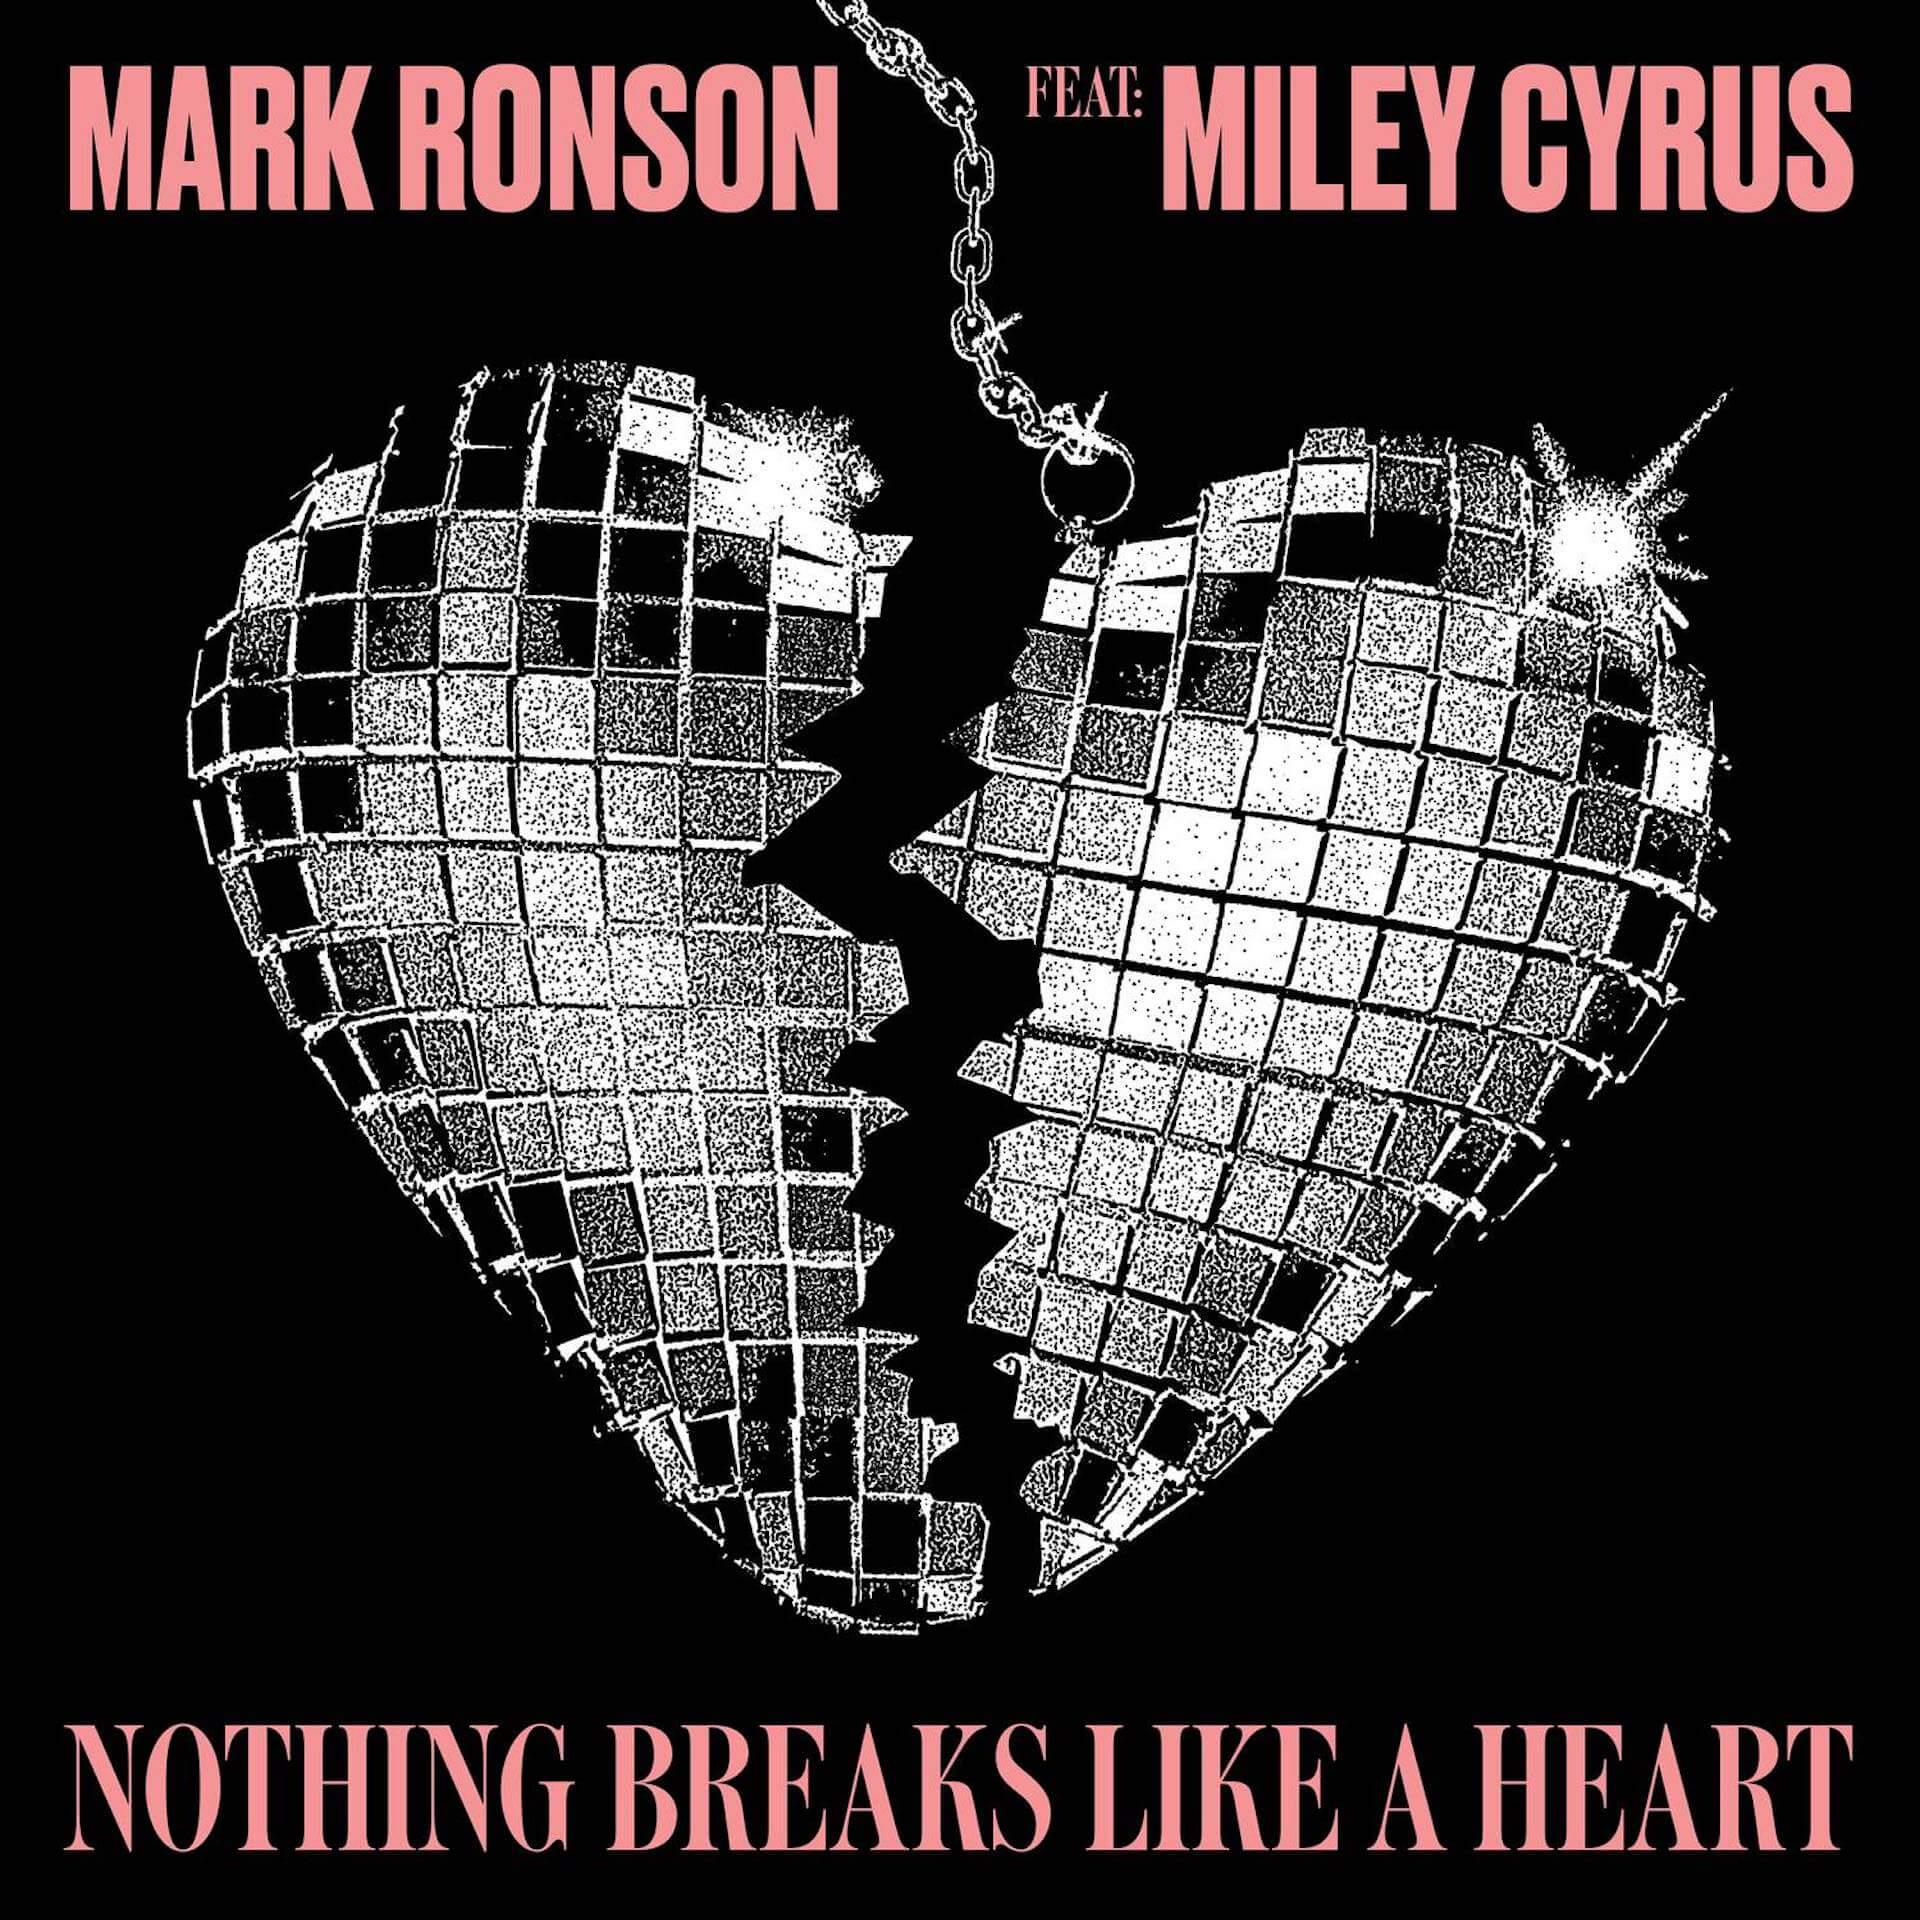 ポップ・ミュージックの先駆者、マーク・ロンソンって?国内のミュージックシーンにも影響を与える魅力へ迫る music181228-markronson-9